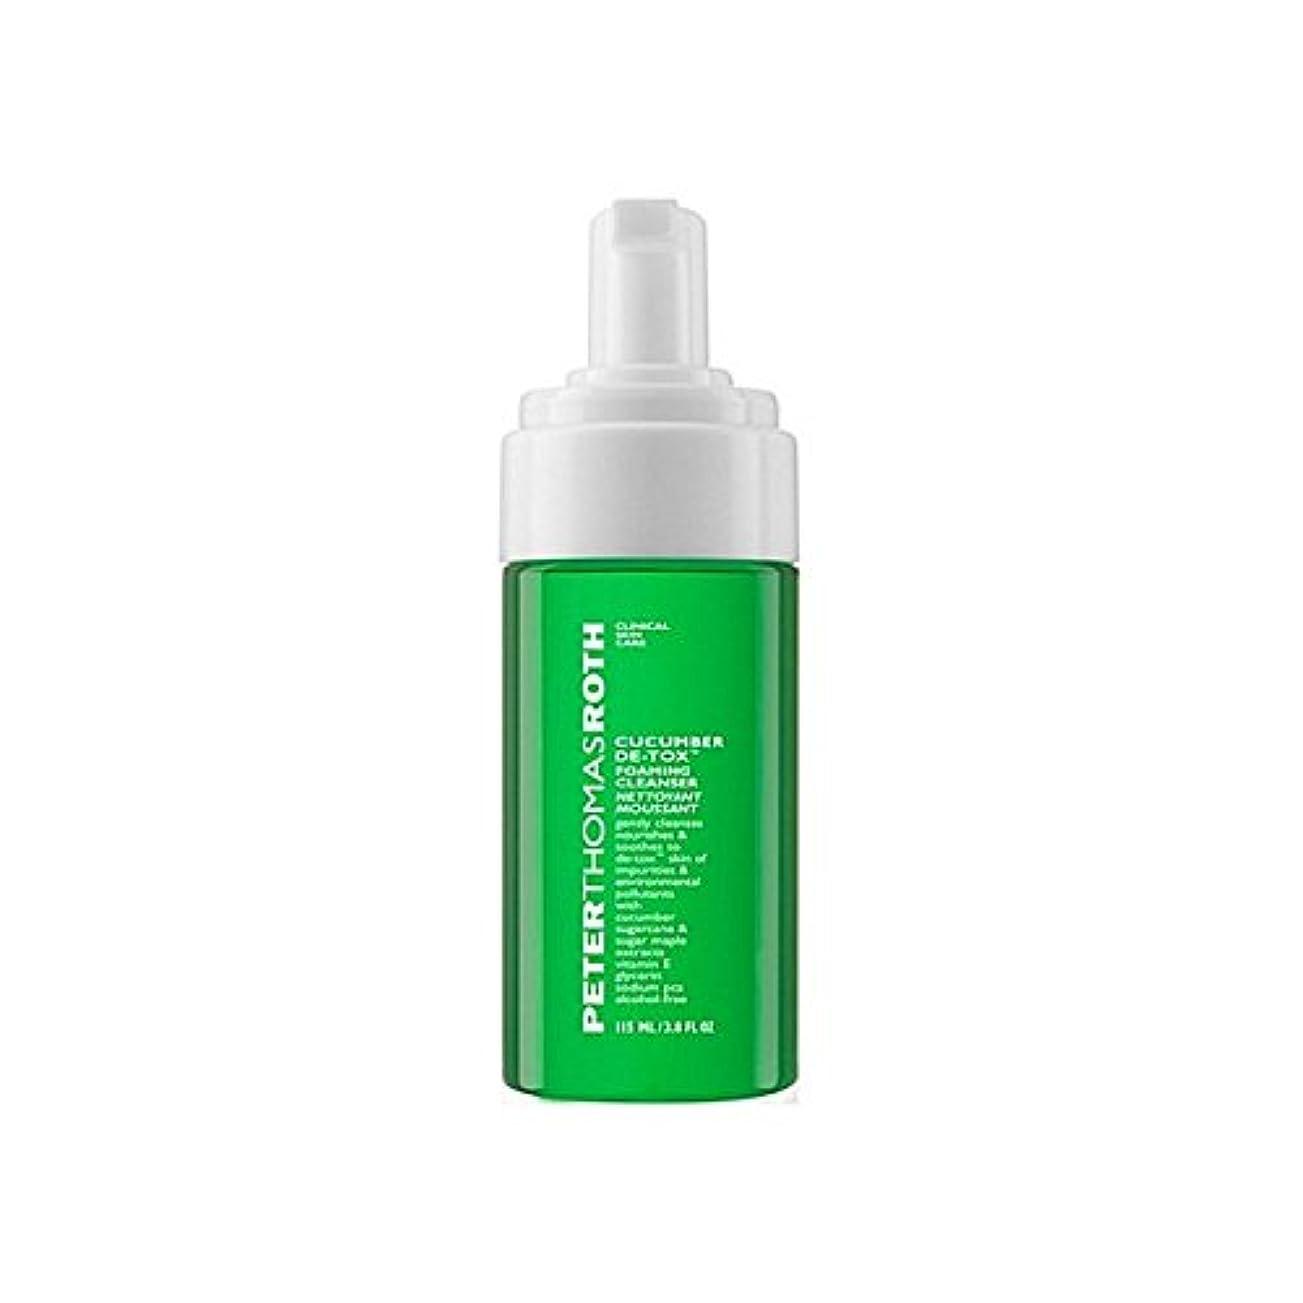 ピータートーマスロスキュウリデ発泡クレンザー x4 - Peter Thomas Roth Cucumber De-Tox Foaming Cleanser (Pack of 4) [並行輸入品]